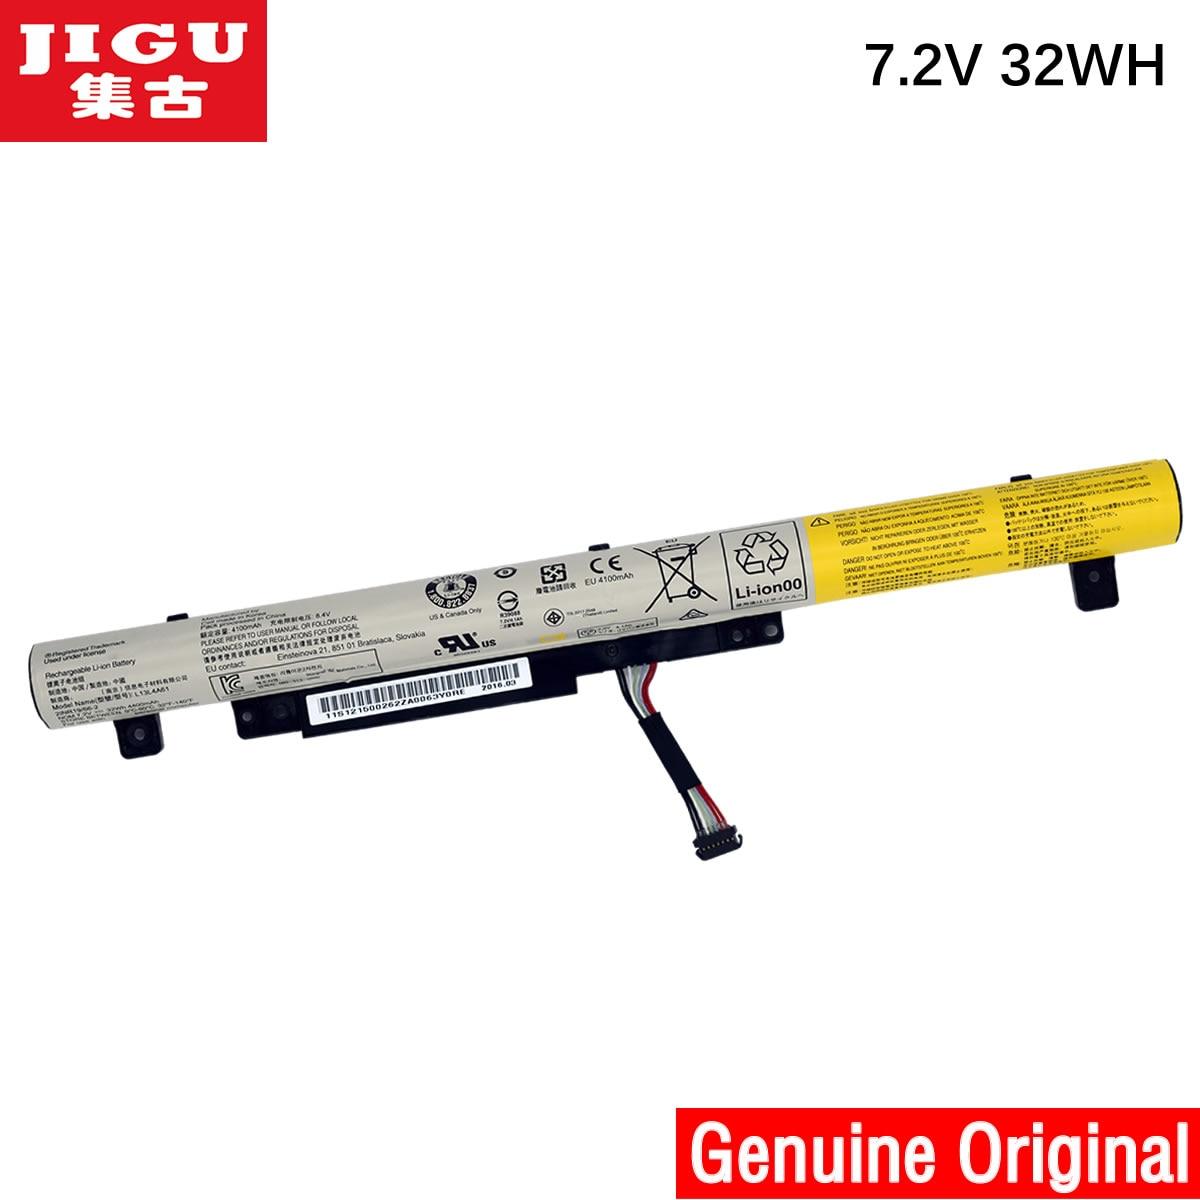 JIGU L13L4A61 L13L4E61 L13M4A61 L13M4E61 L13S4A61 Original Laptop Battery For Lenovo Flex 2 14 15 2-14d 2-15d 2-14 2-15JIGU L13L4A61 L13L4E61 L13M4A61 L13M4E61 L13S4A61 Original Laptop Battery For Lenovo Flex 2 14 15 2-14d 2-15d 2-14 2-15